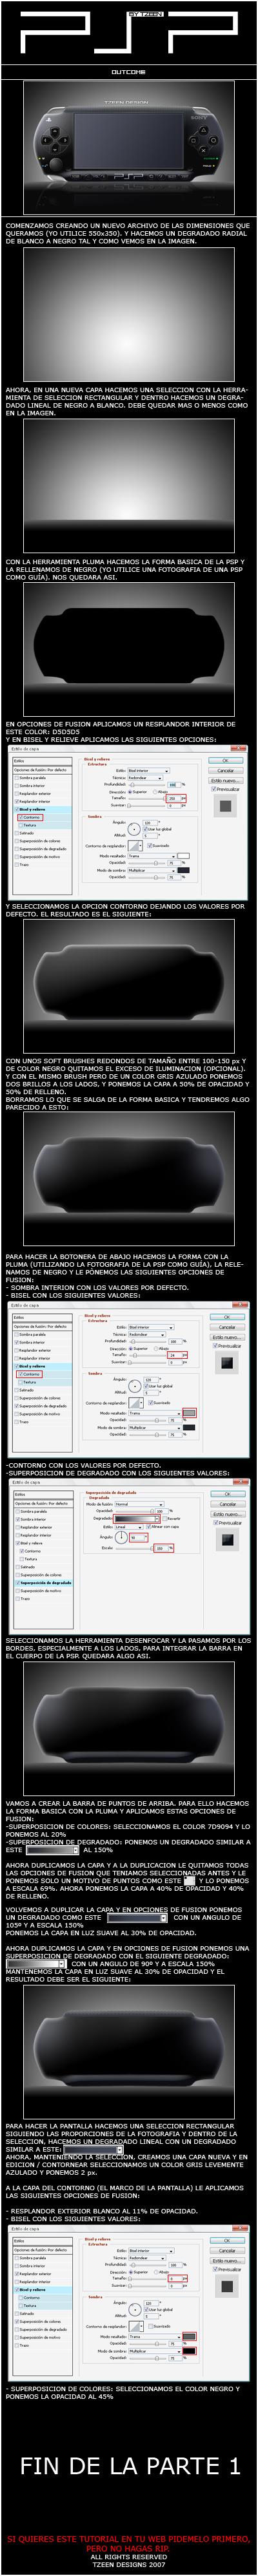 Tutorial PSP Artesanal 1-3 Tutorial_PSP_Artesanal_1_3_by_mivic